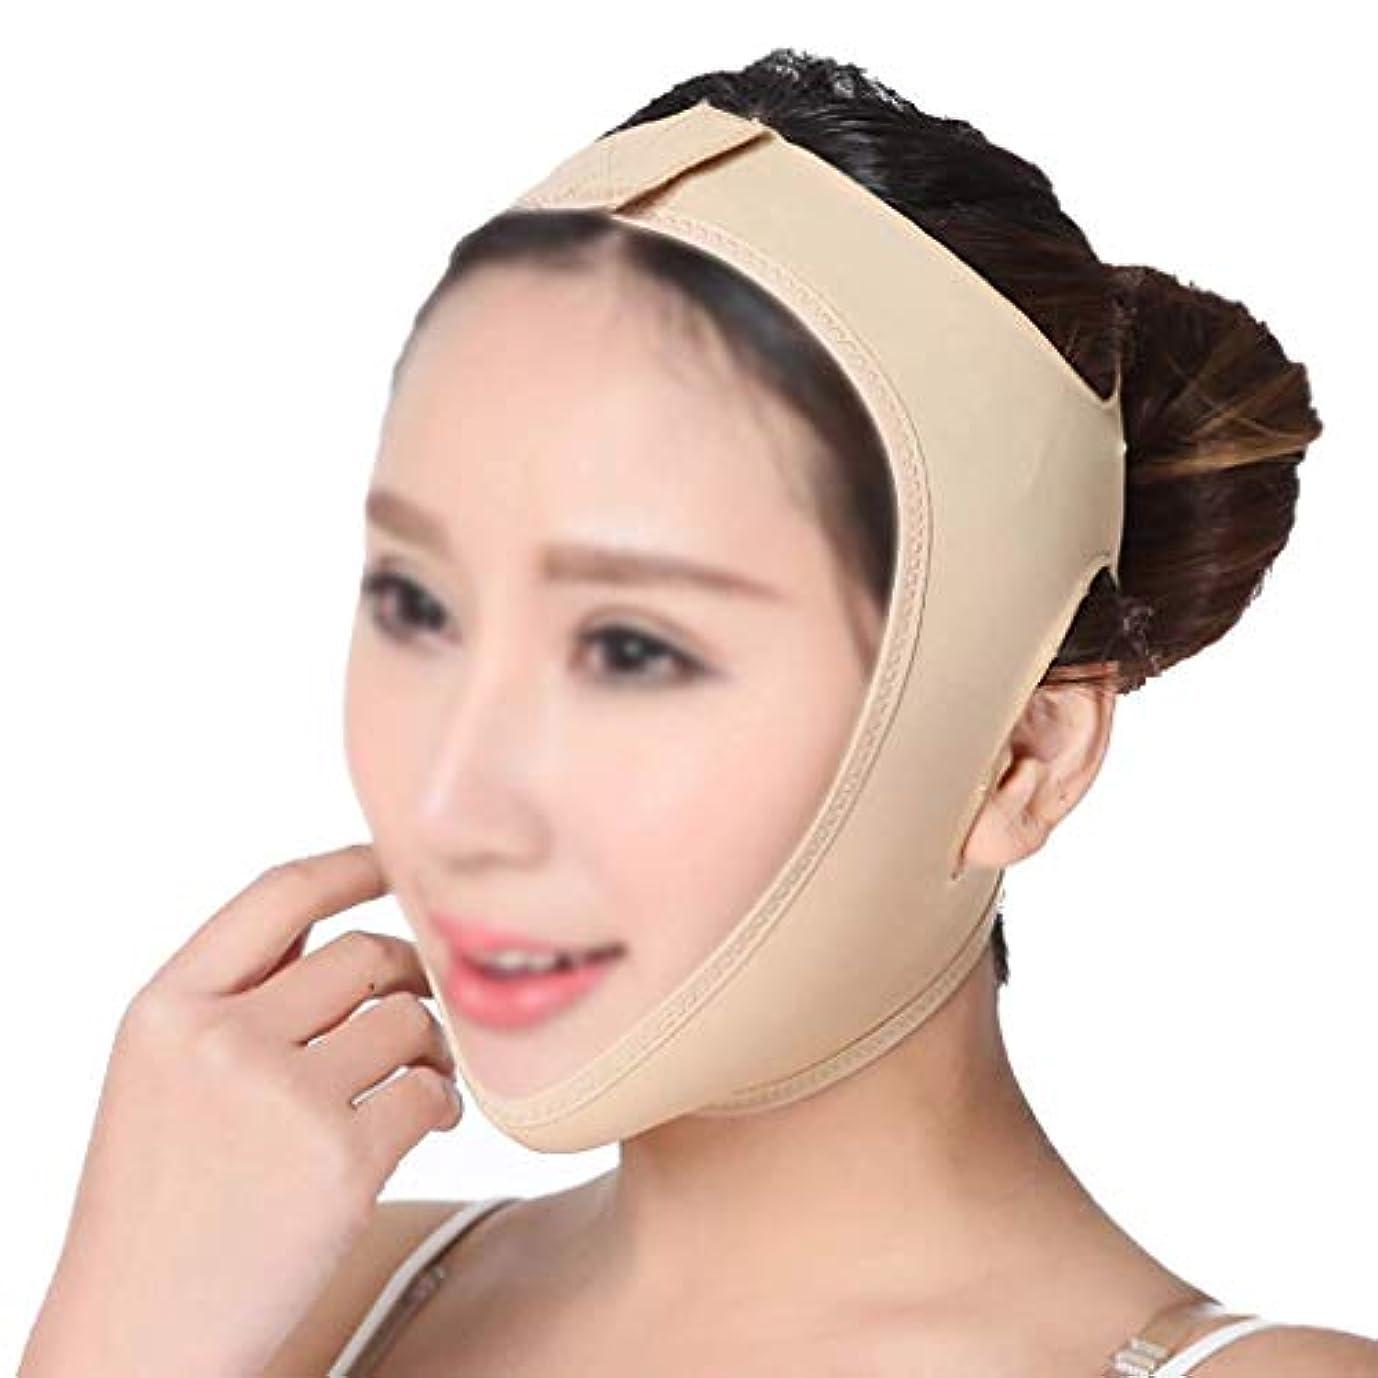 アライアンス哲学博士侵入するフェイスリフティングマスク、リフティングチン、フェイシャルスキン、頬垂れ防止、快適で 生地、詰まることを拒否、着用が簡単(サイズ:M),Xl